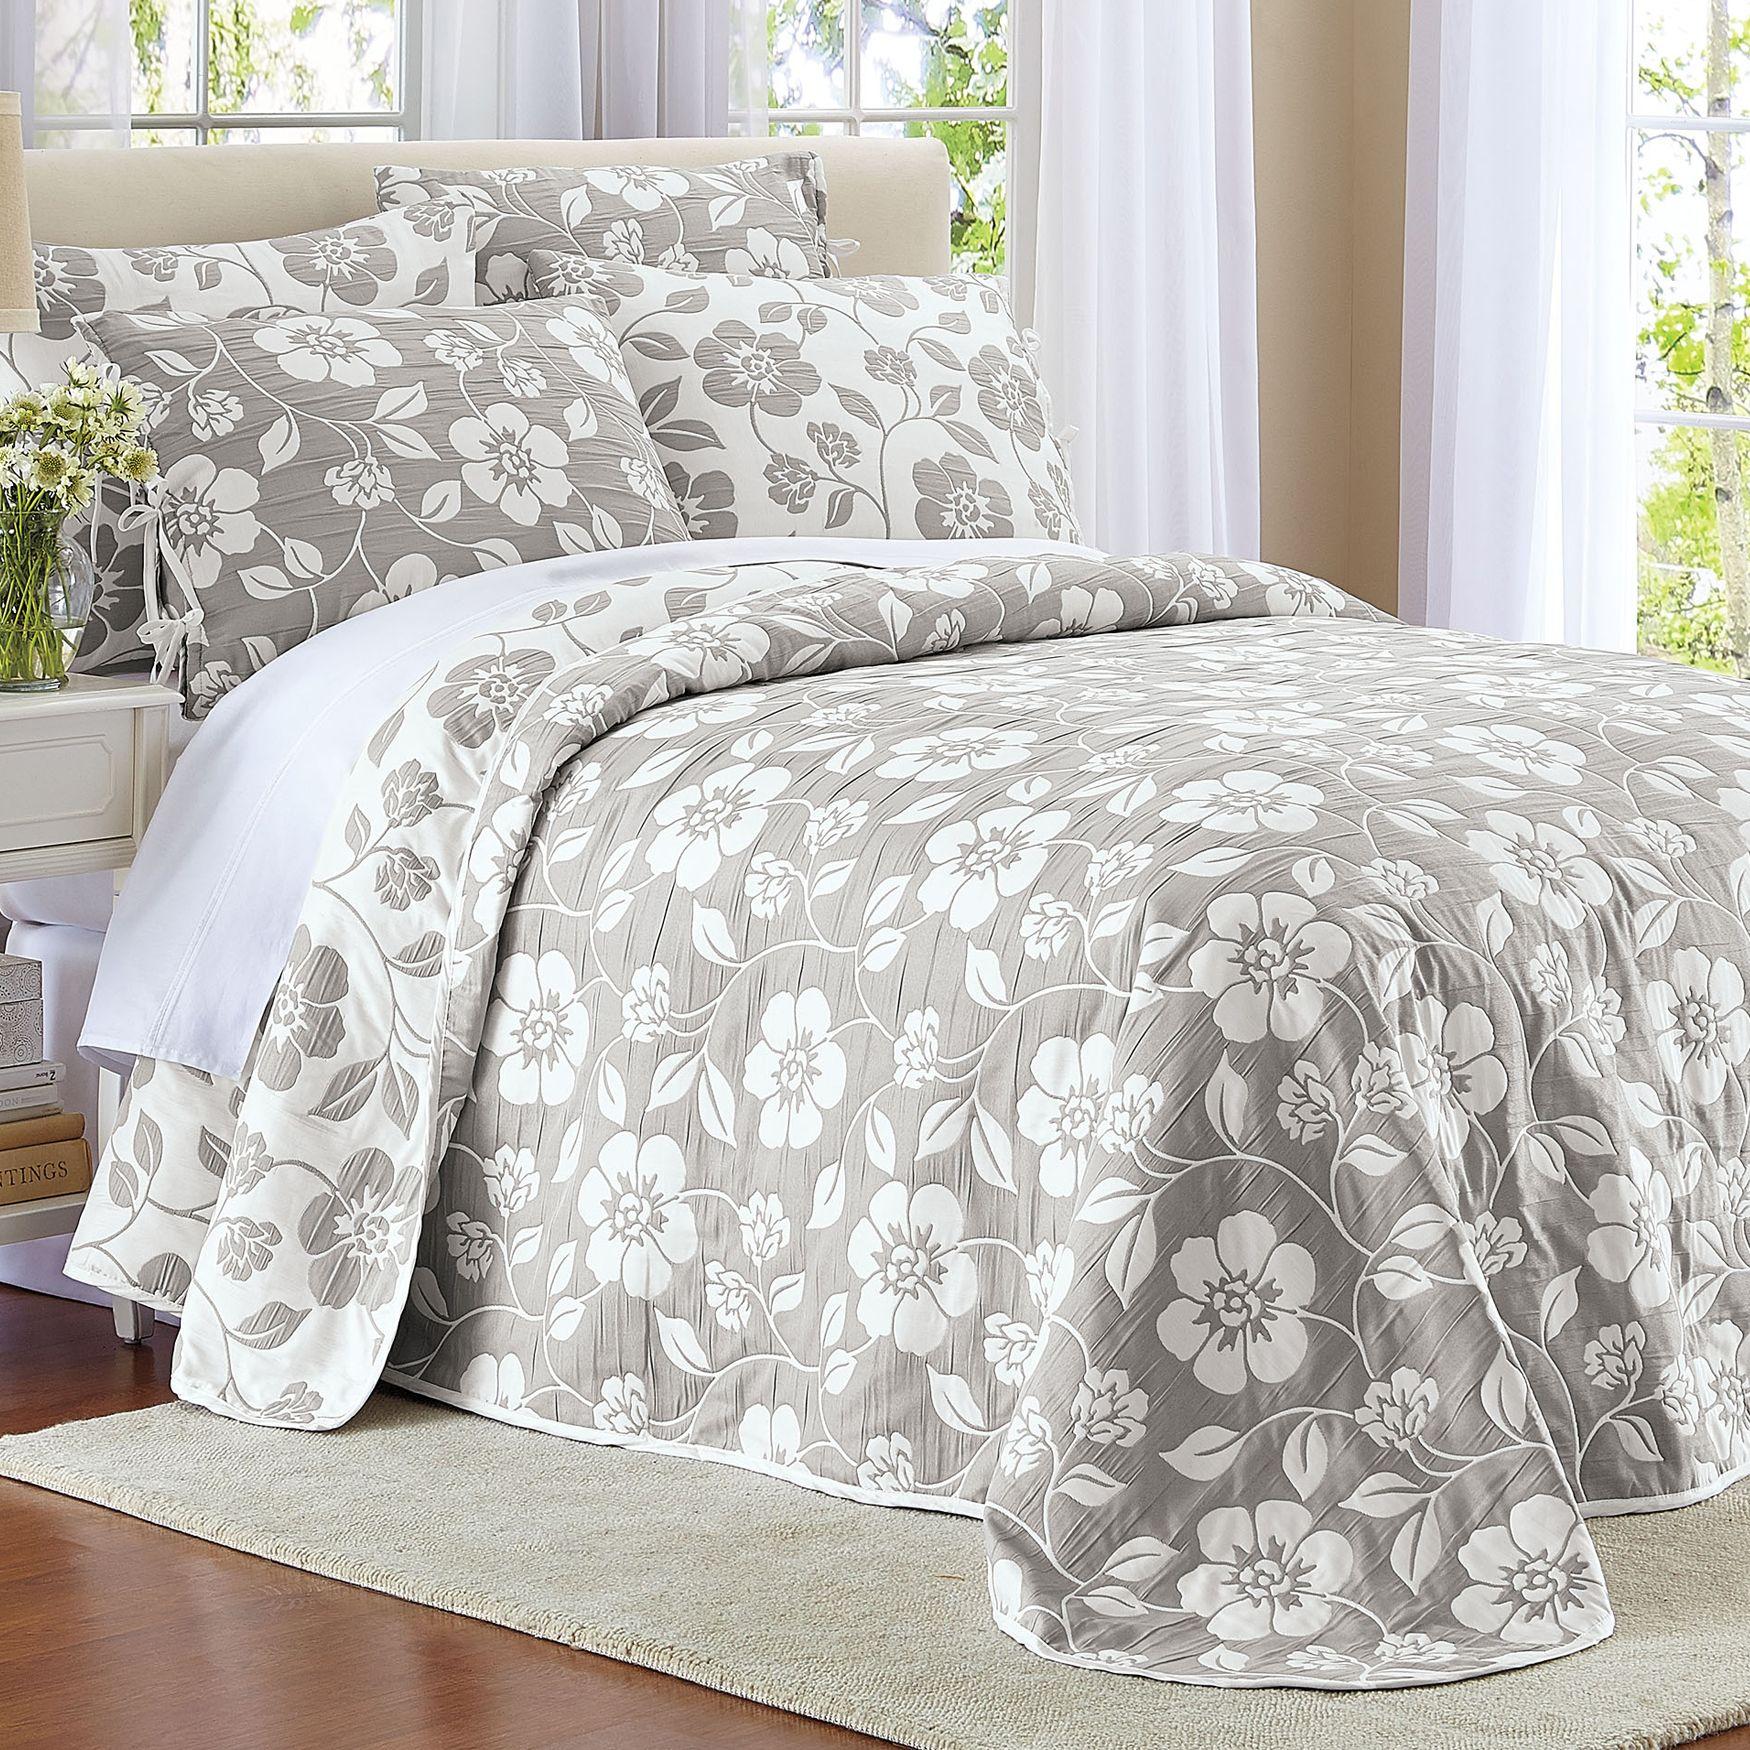 Flora Reversible Bedspread Bed Spreads Indoor Outdoor Furniture Furniture